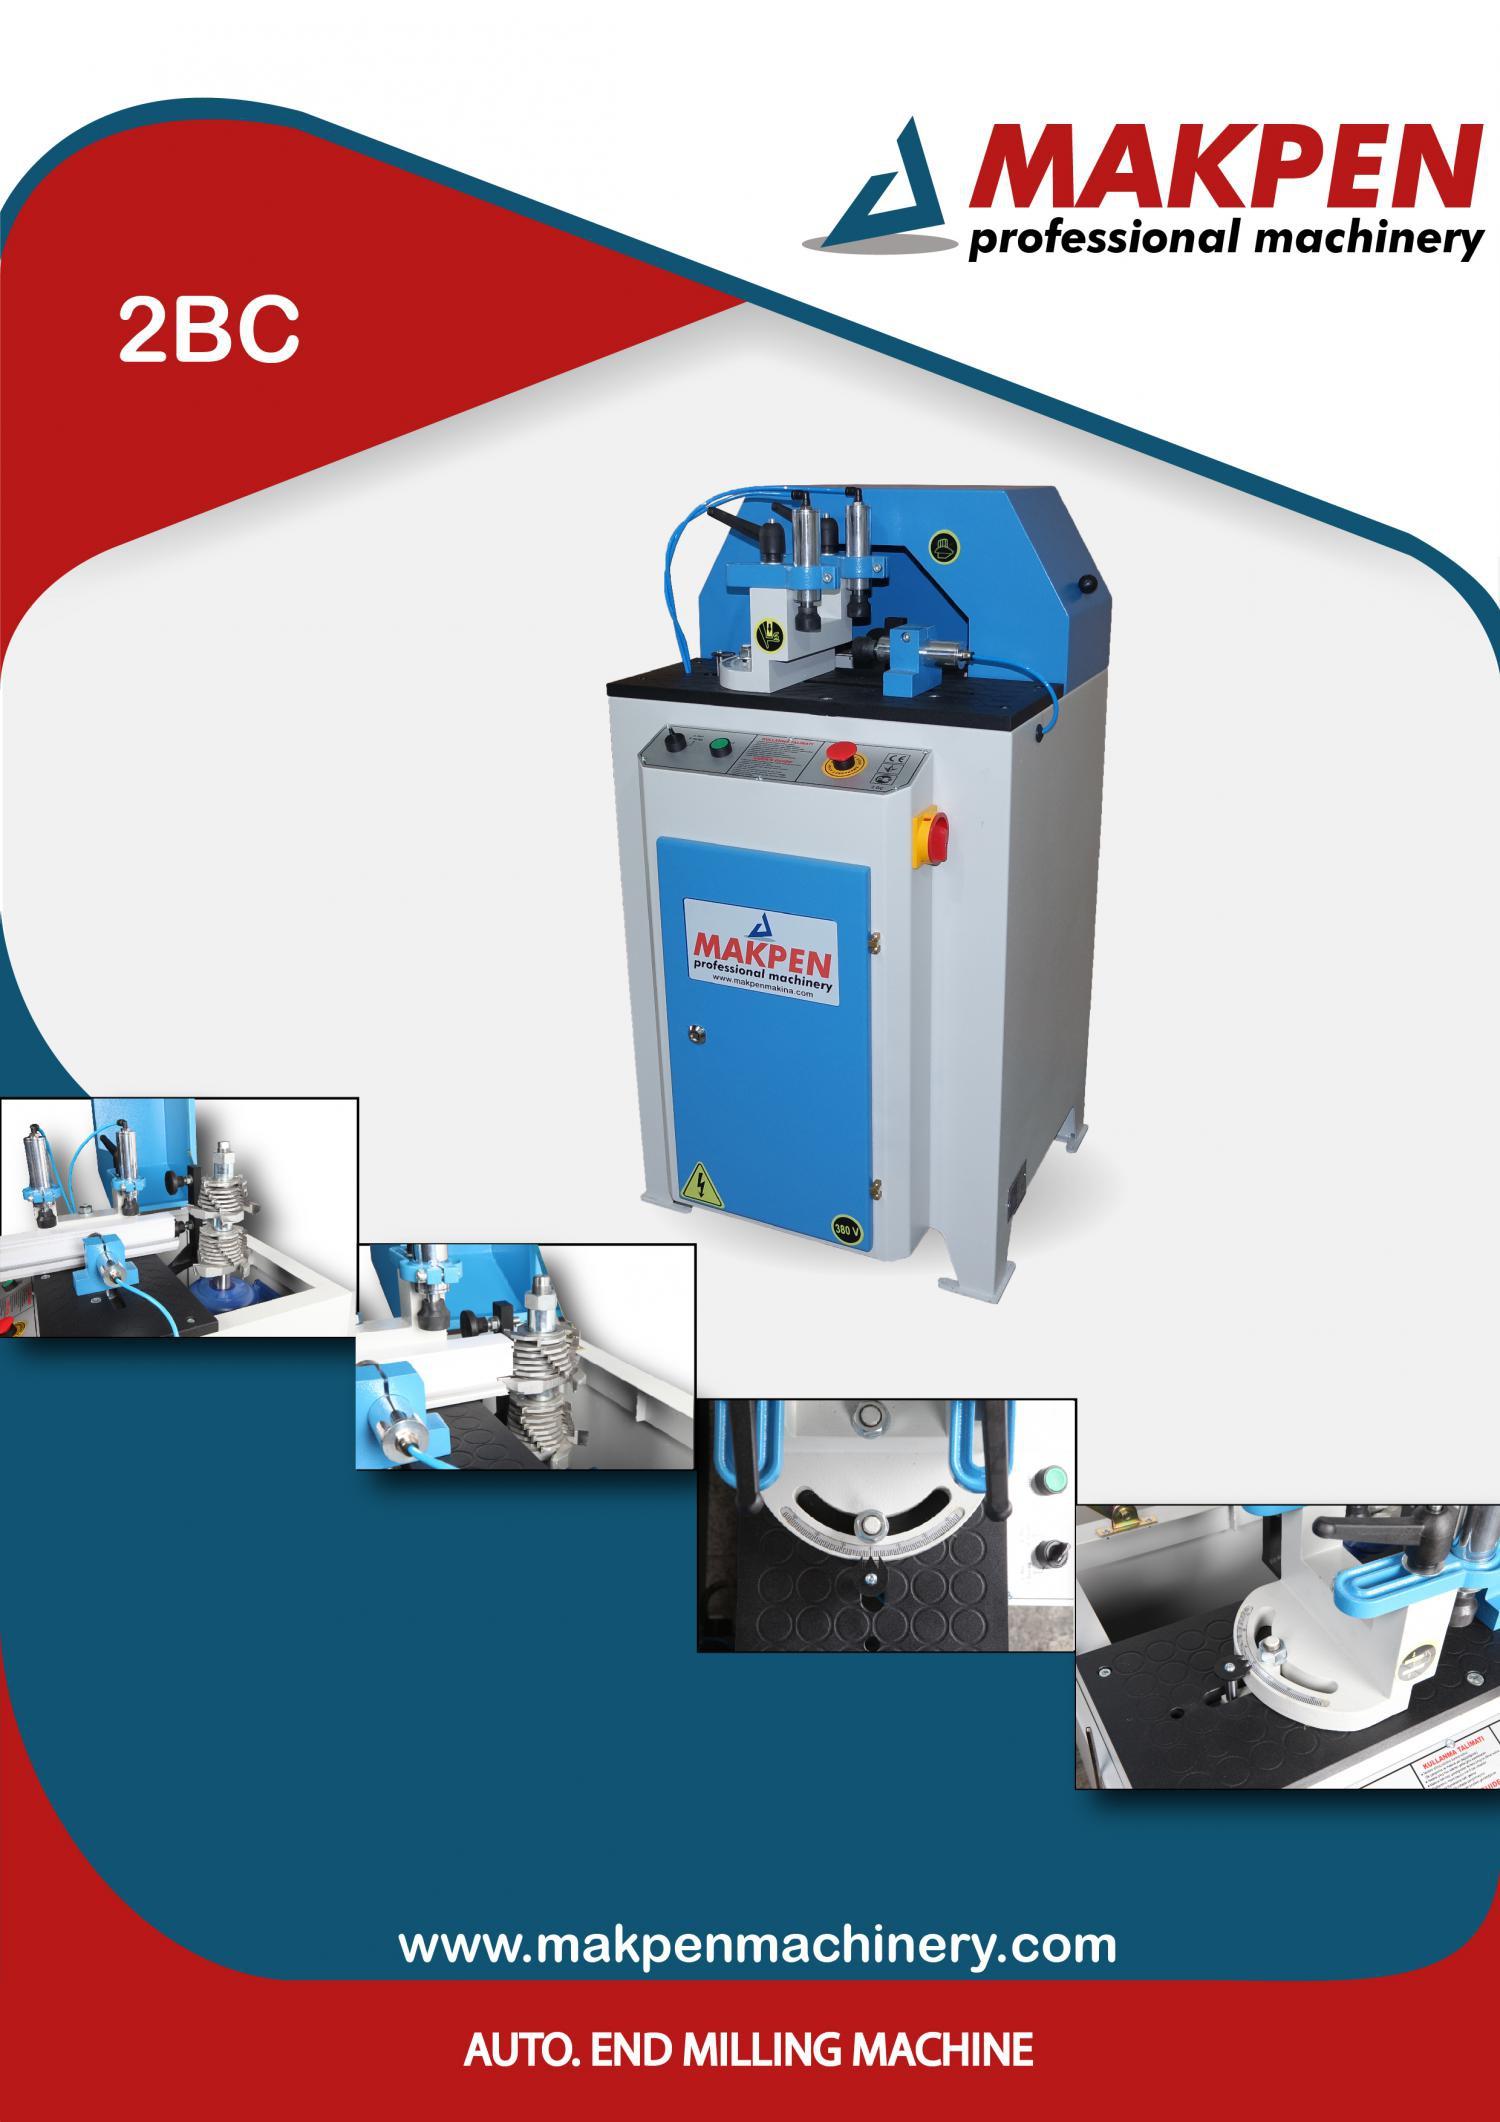 2BC -Автоматический станок для обработки импоста